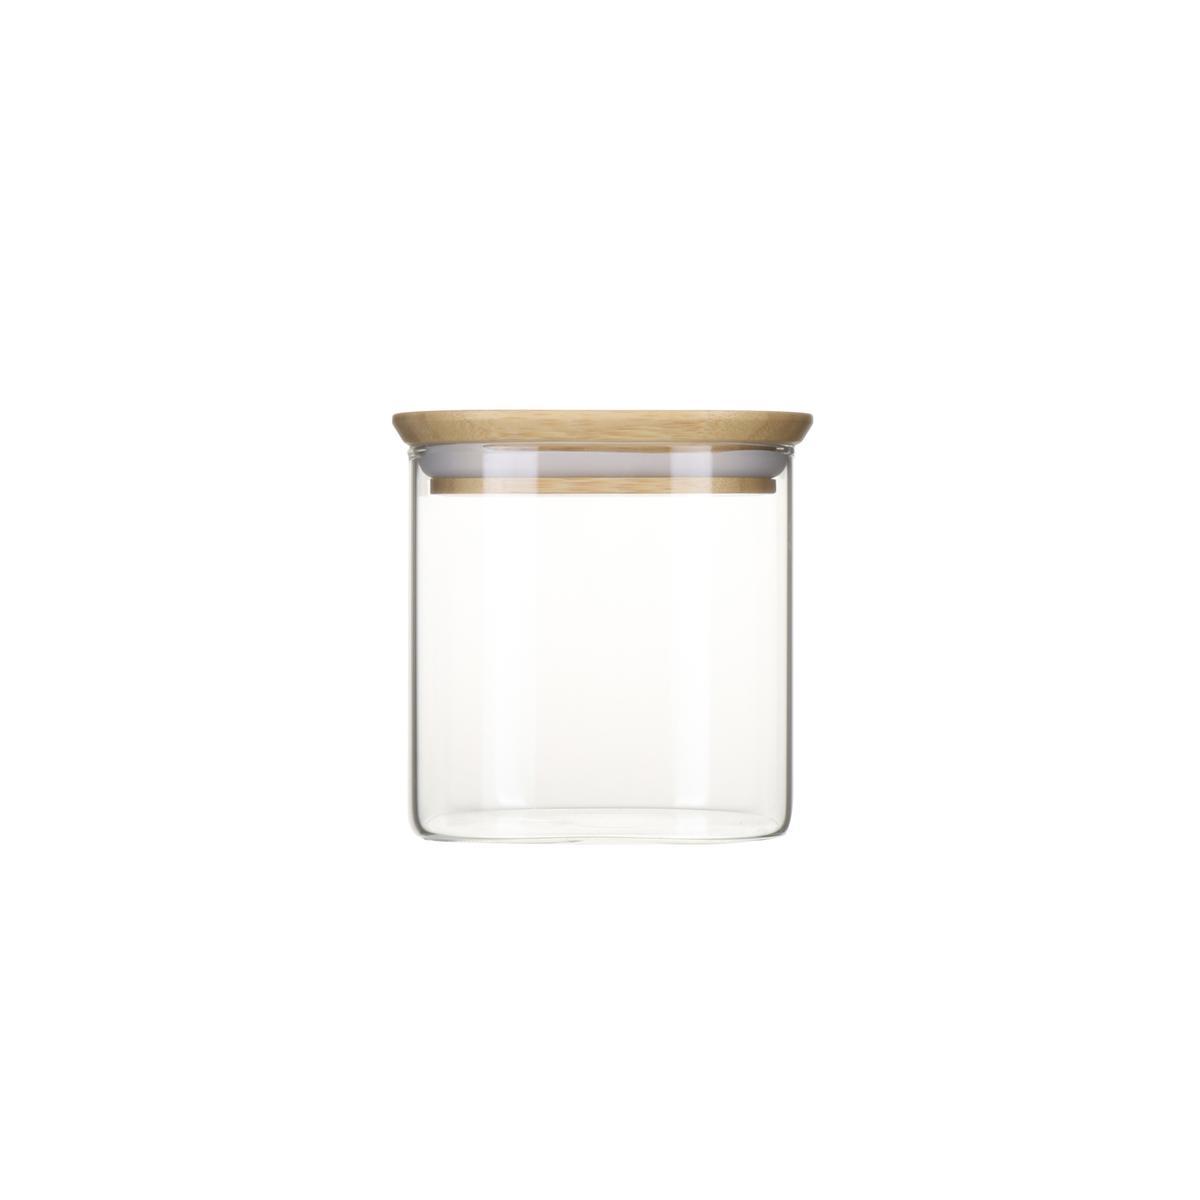 Boite Rangement Hermétique Cave achat / vente pebbly boite conservation verre et bambou carrée, 880ml